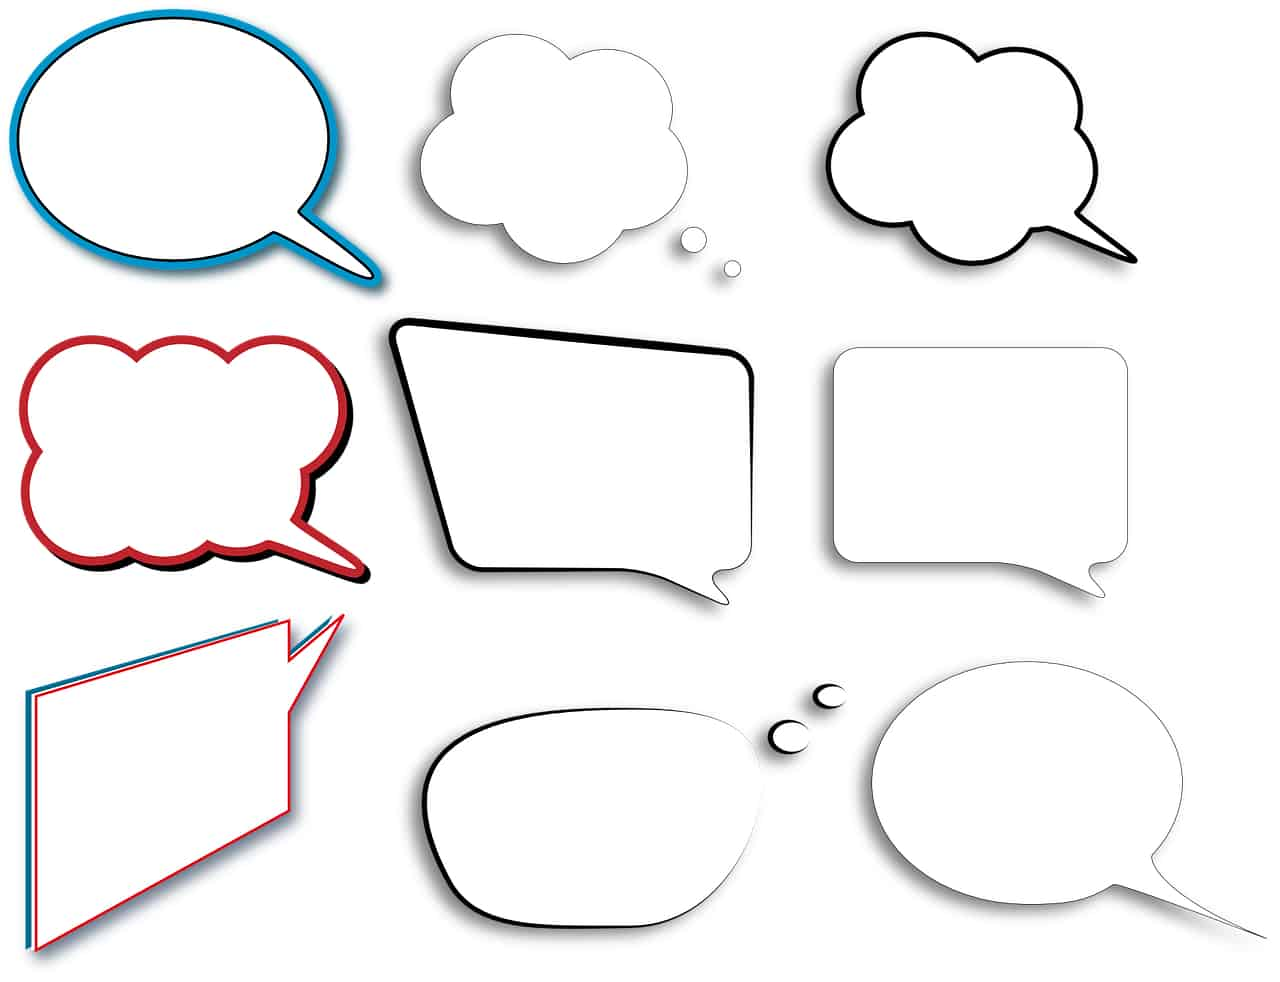 Klantenservice in verschillende talen, wat zijn de aandachtspunten?